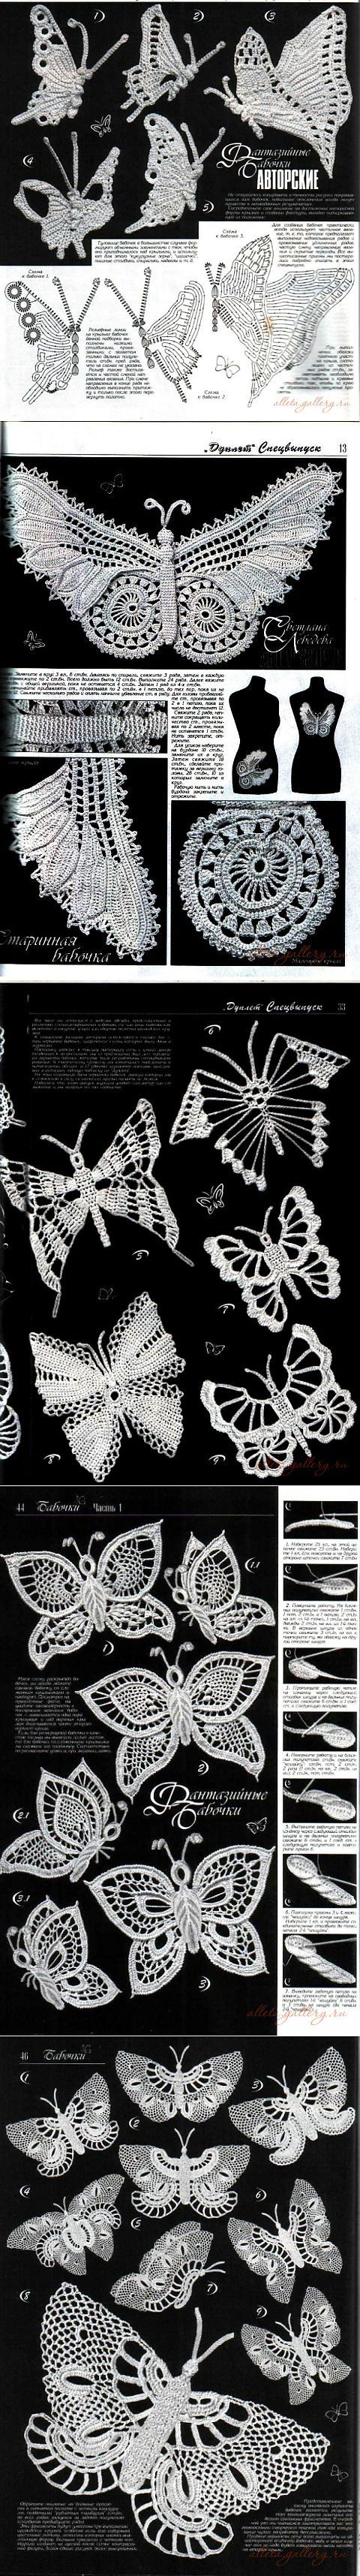 Коллекция вязаных бабочек. Часть 1.. | Ирландское кружево. | Постила